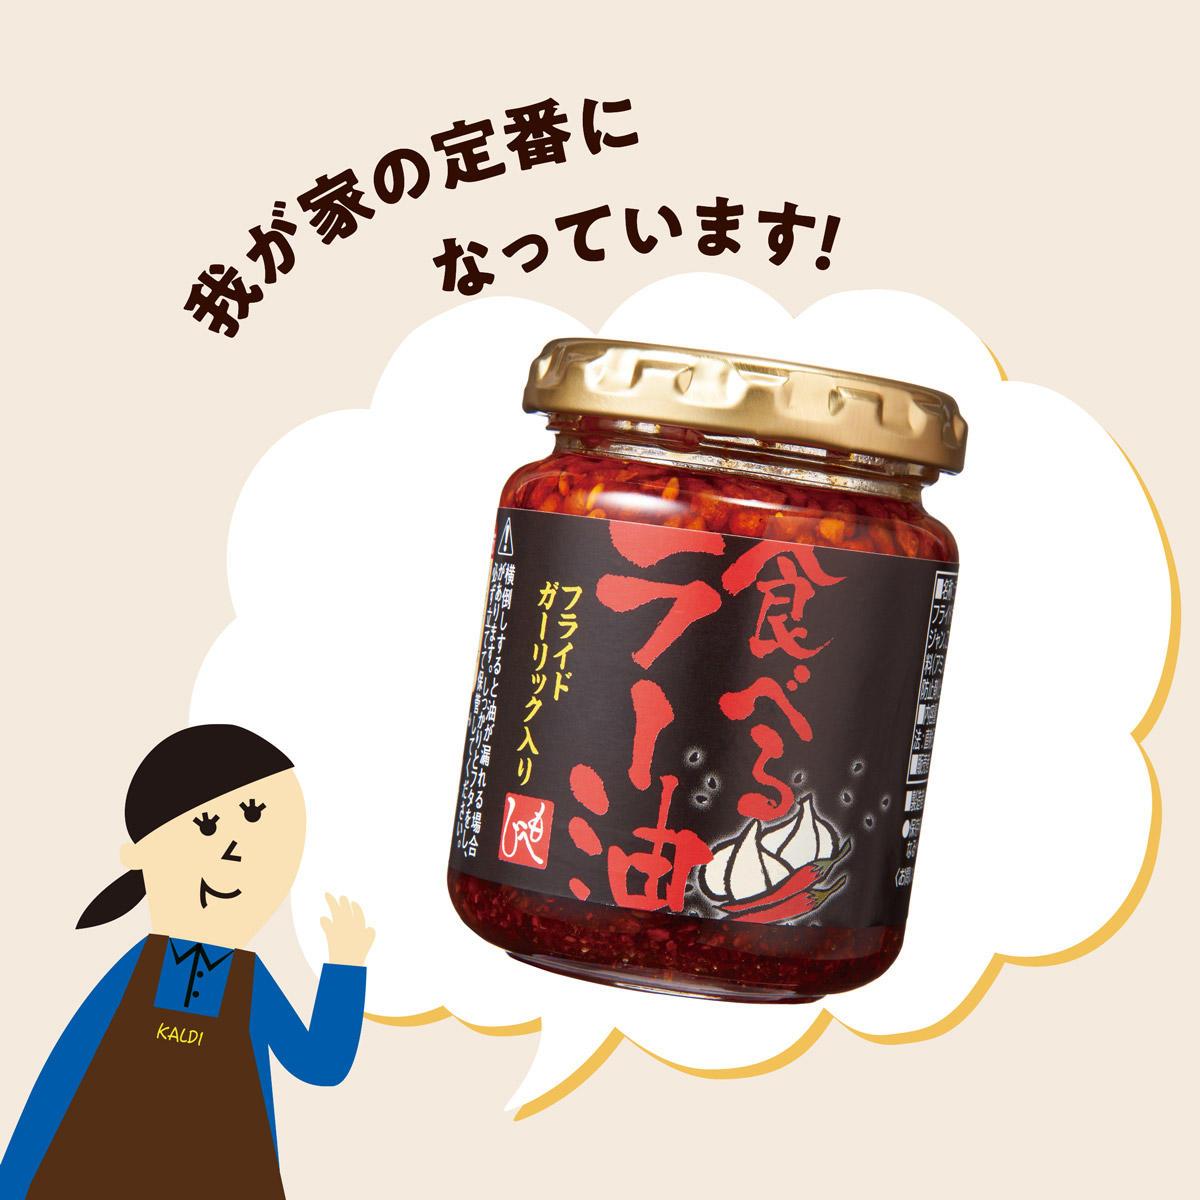 もへじチョイのせ2021_3位.jpg